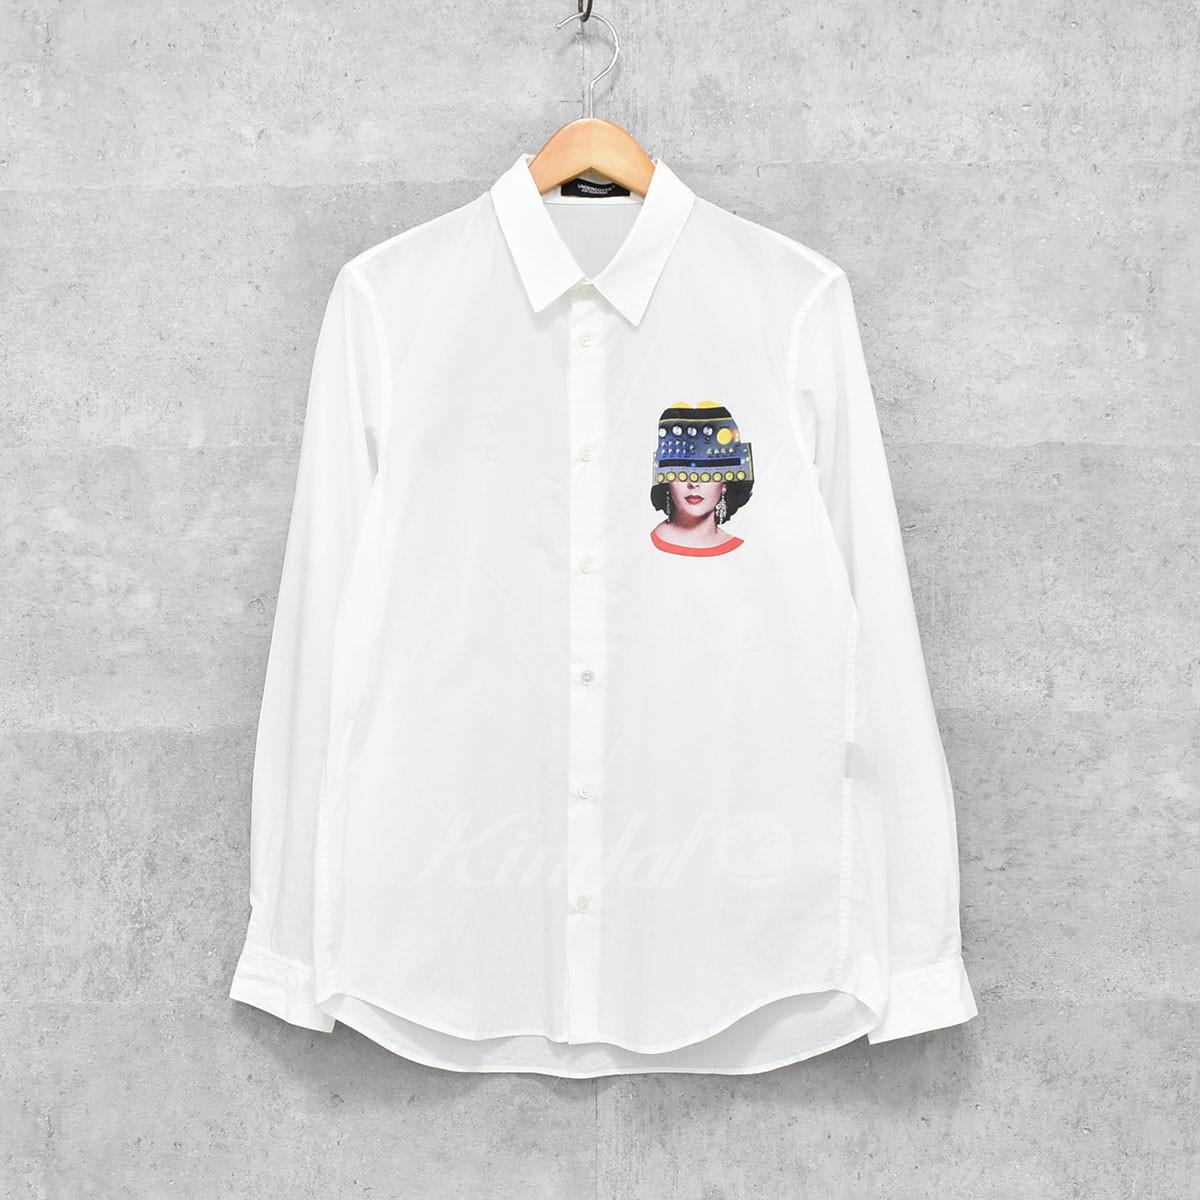 【中古】UNDER COVER 18SS ブロードシャツ FACE2 Synthe 長袖シャツ ホワイト サイズ:1 【送料無料】 【310818】(アンダーカバー)